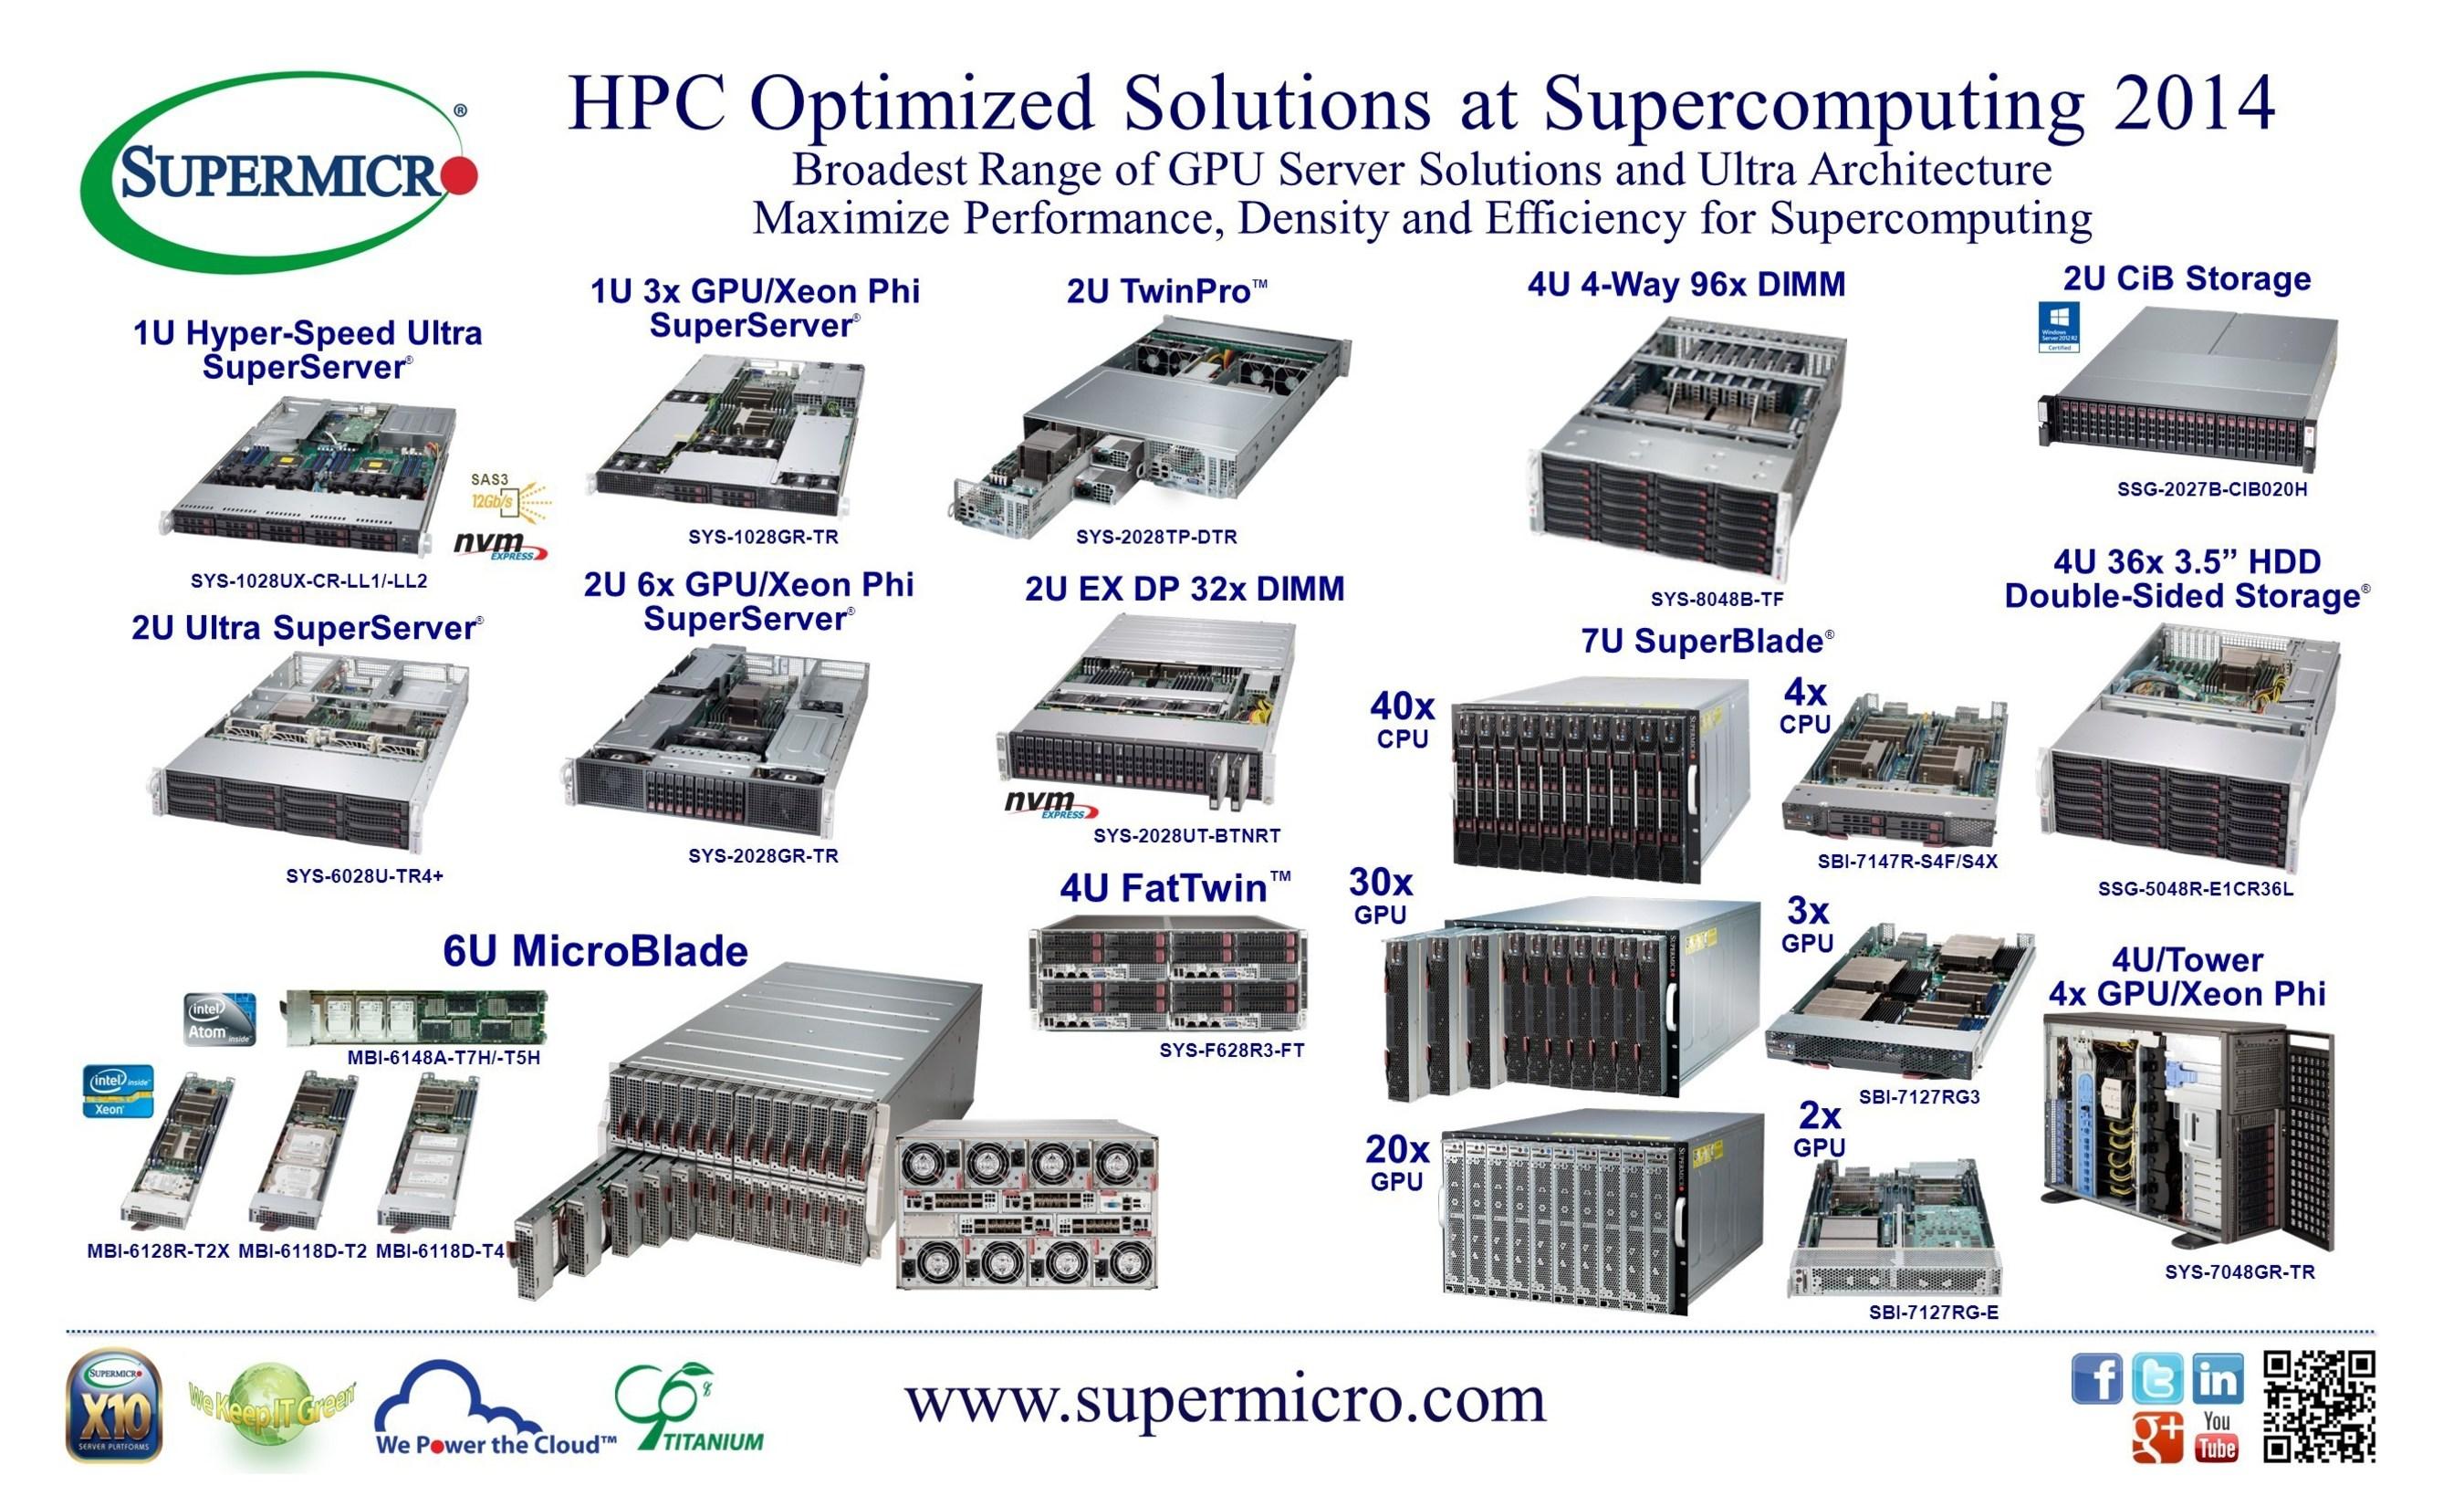 Supermicro® präsentiert das branchenweit breiteste Sortiment HPC-optimierter Plattformen und neuer